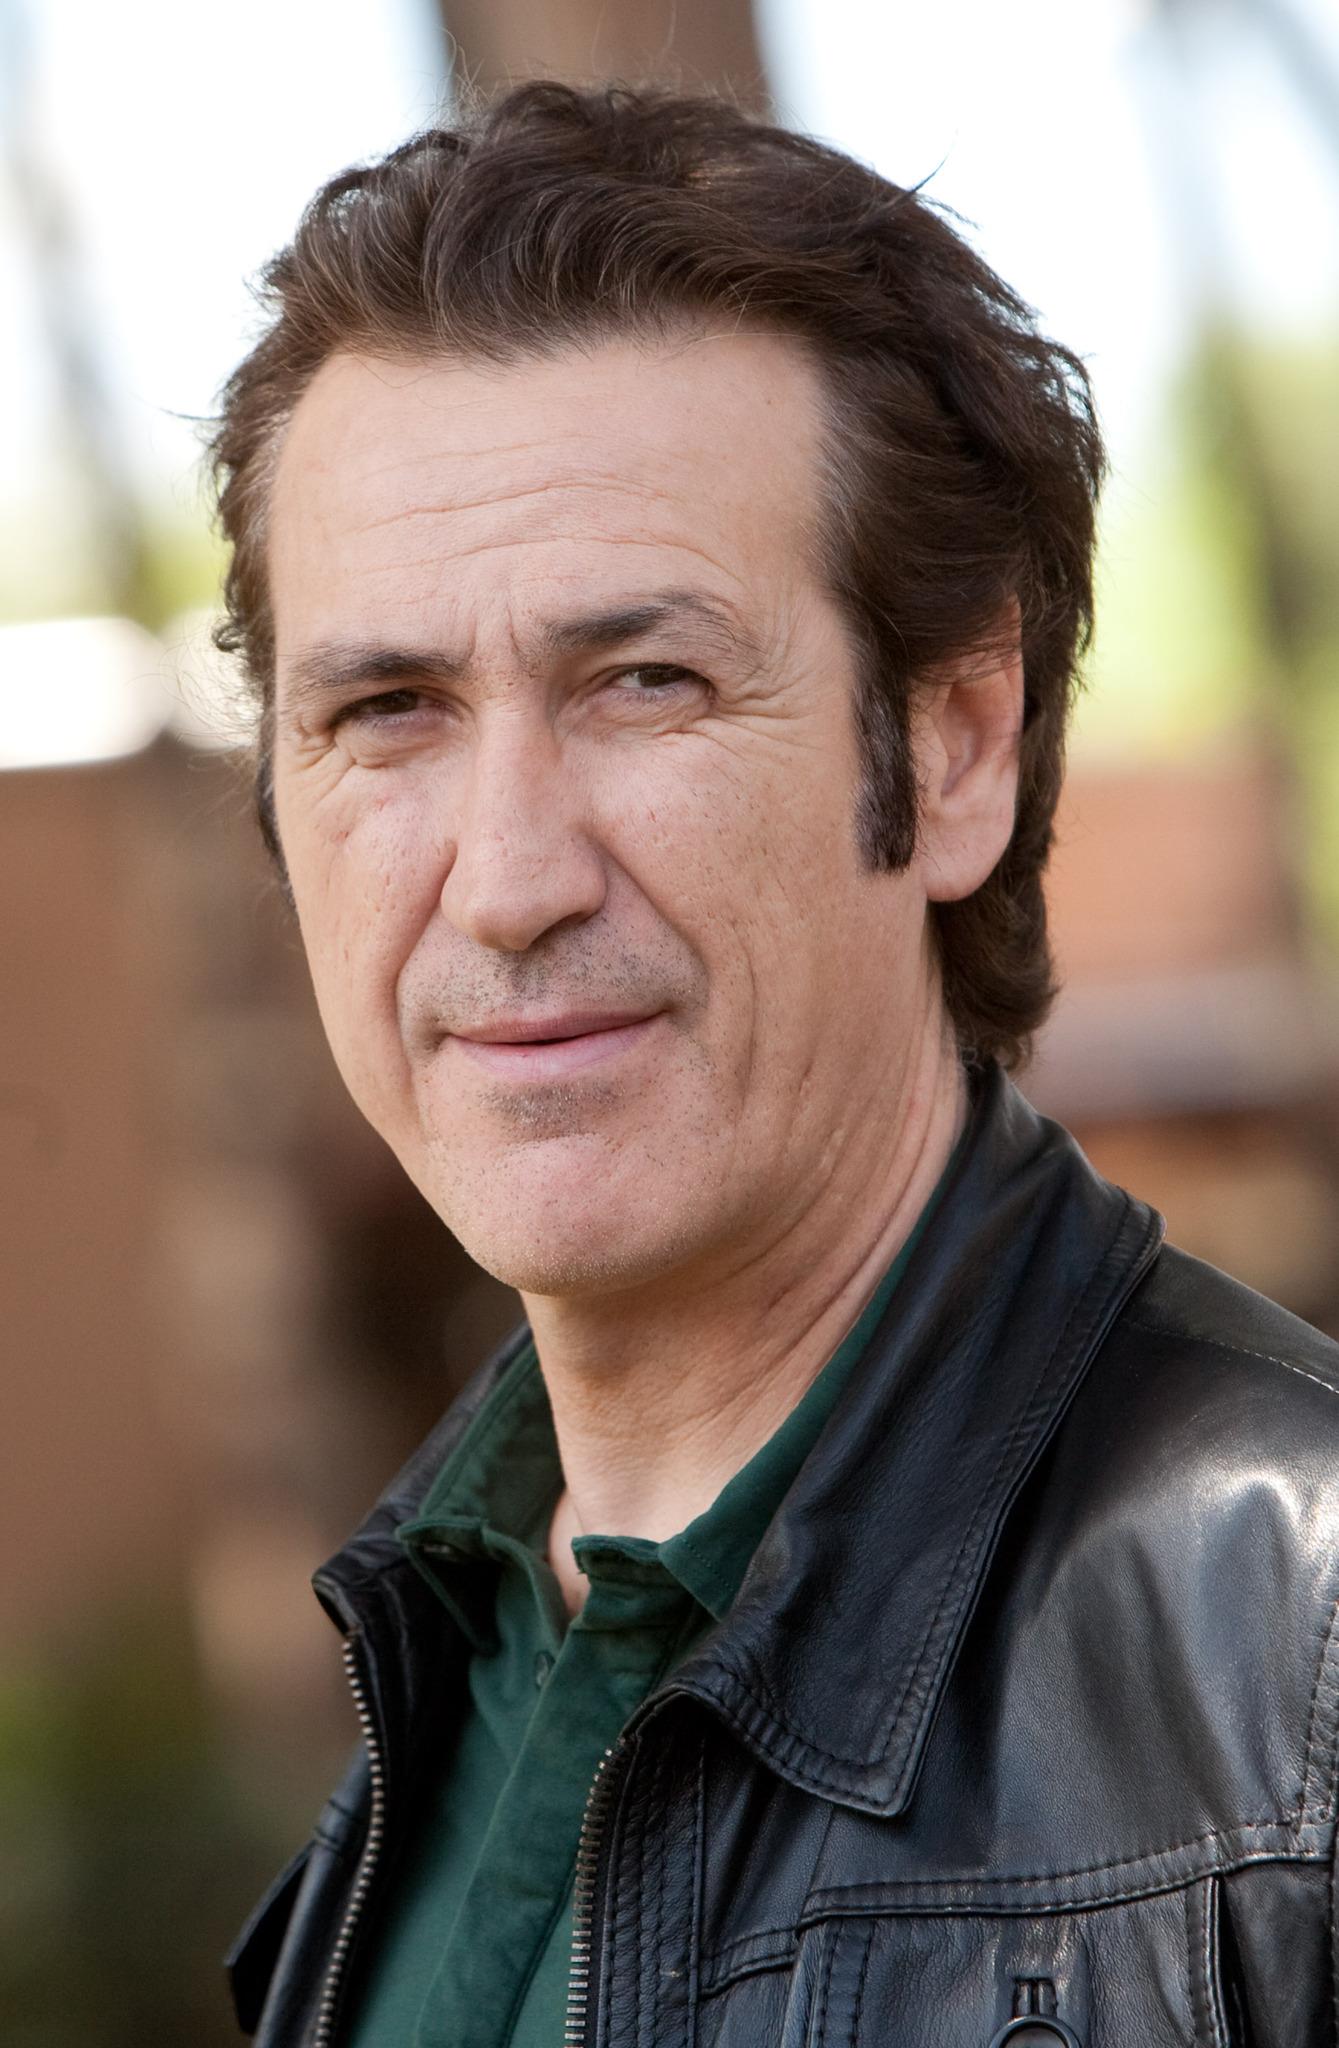 Marco Giallini - IMDb